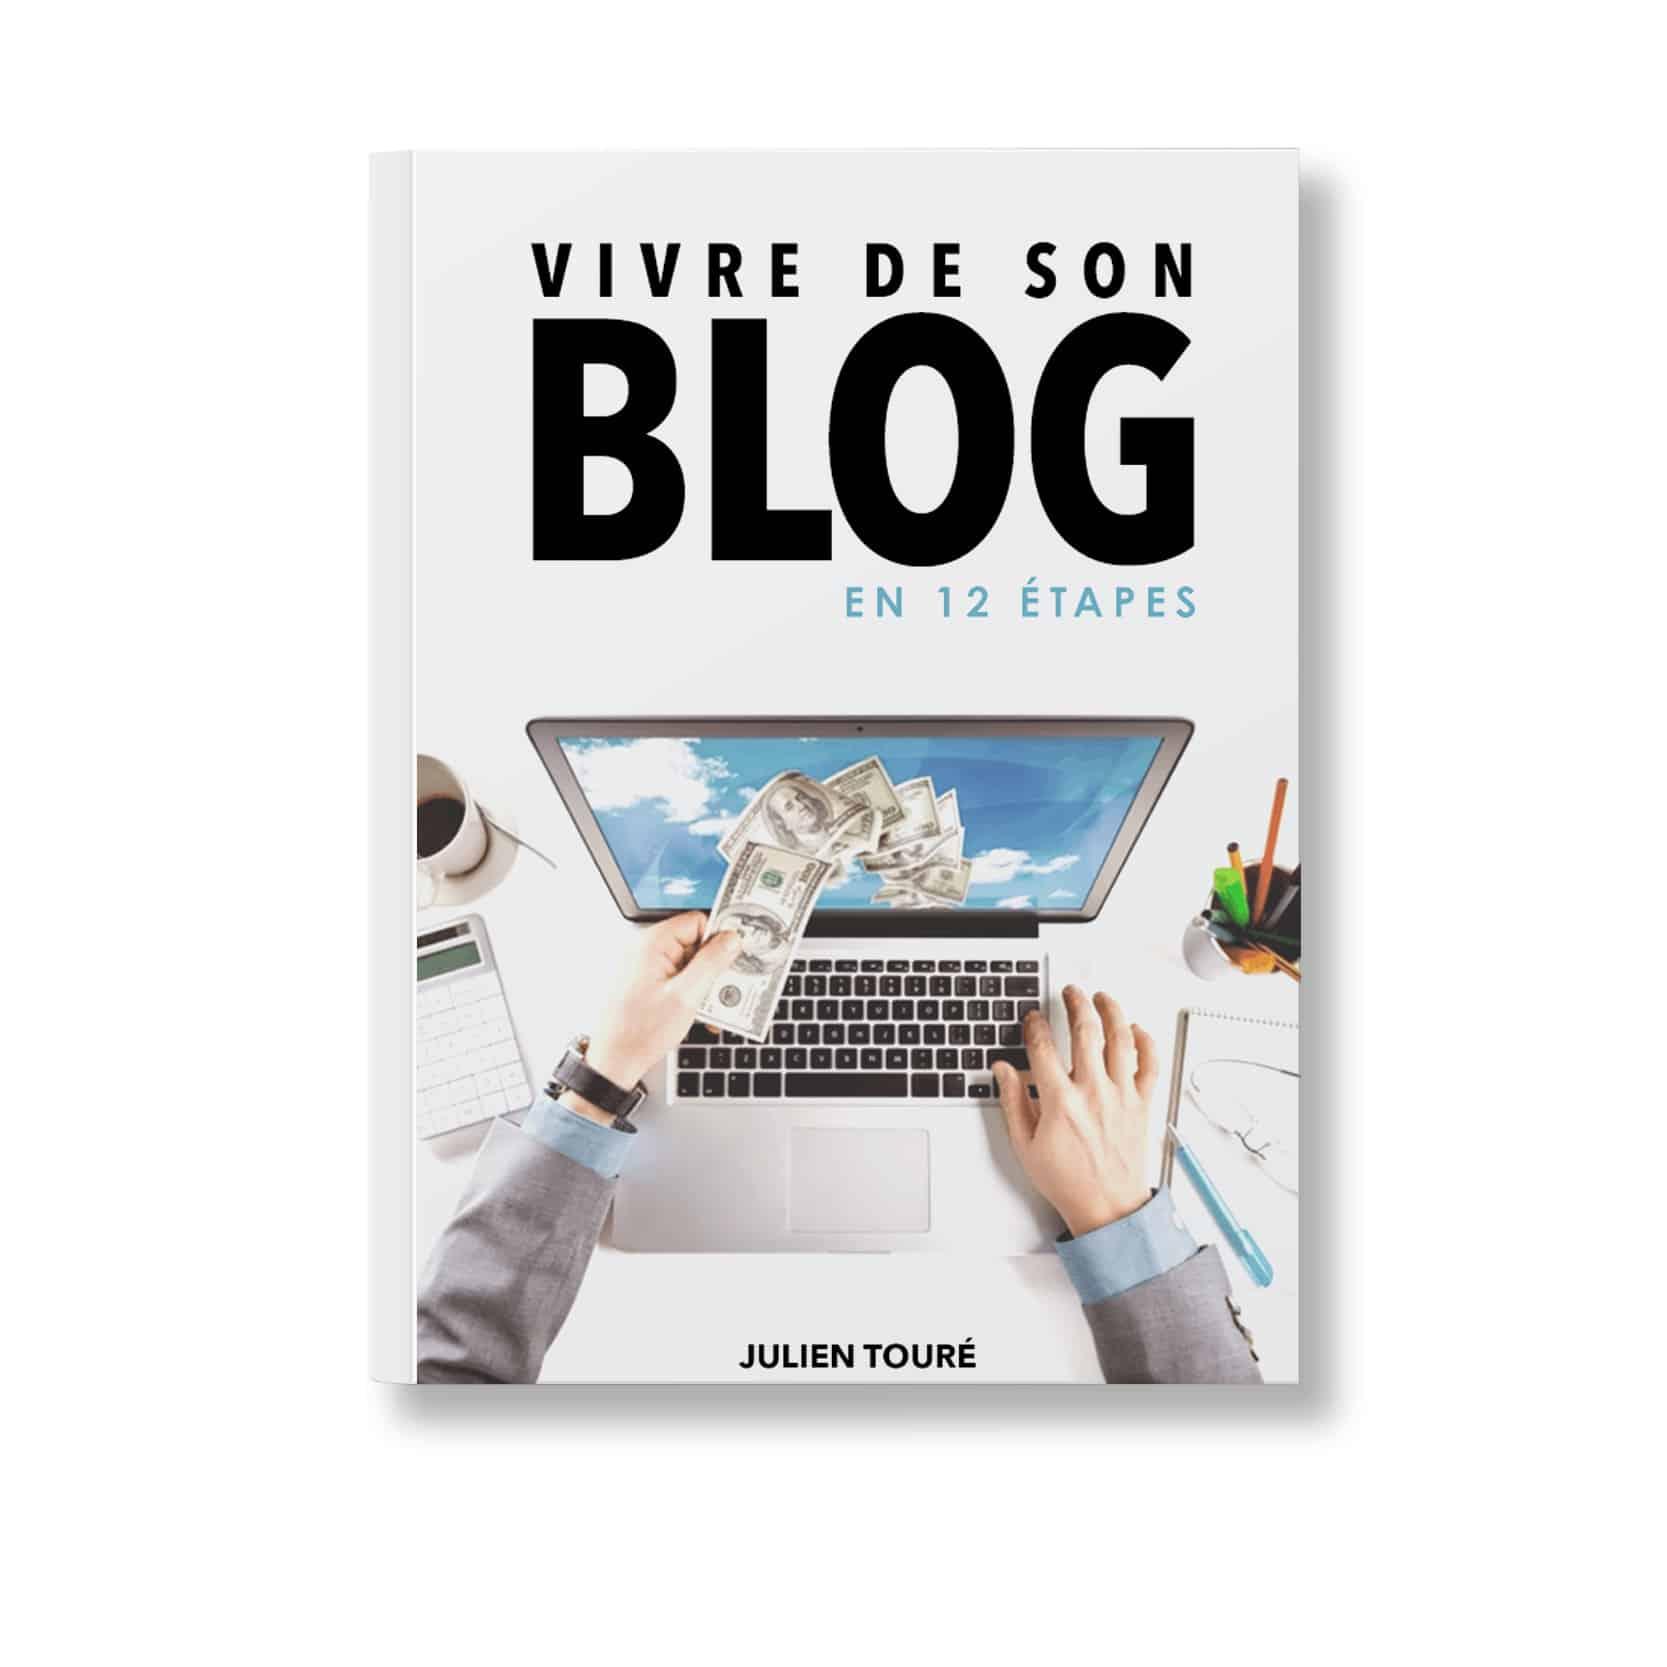 Vivre de son blog en 12 étapes